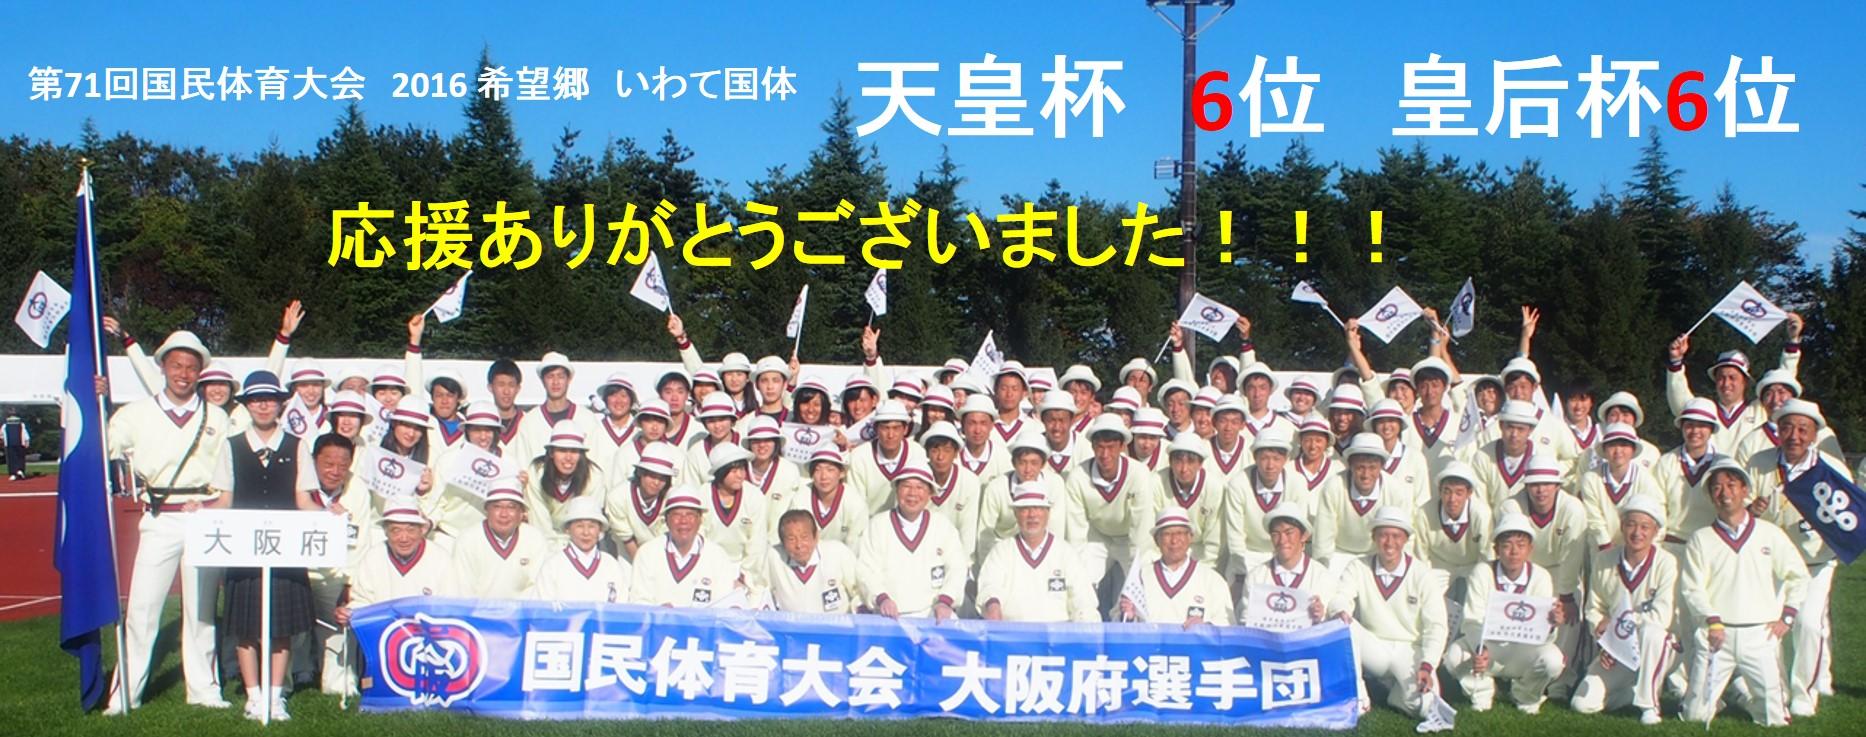 国民体育大会 | 公益財団法人 大阪府スポーツ協会